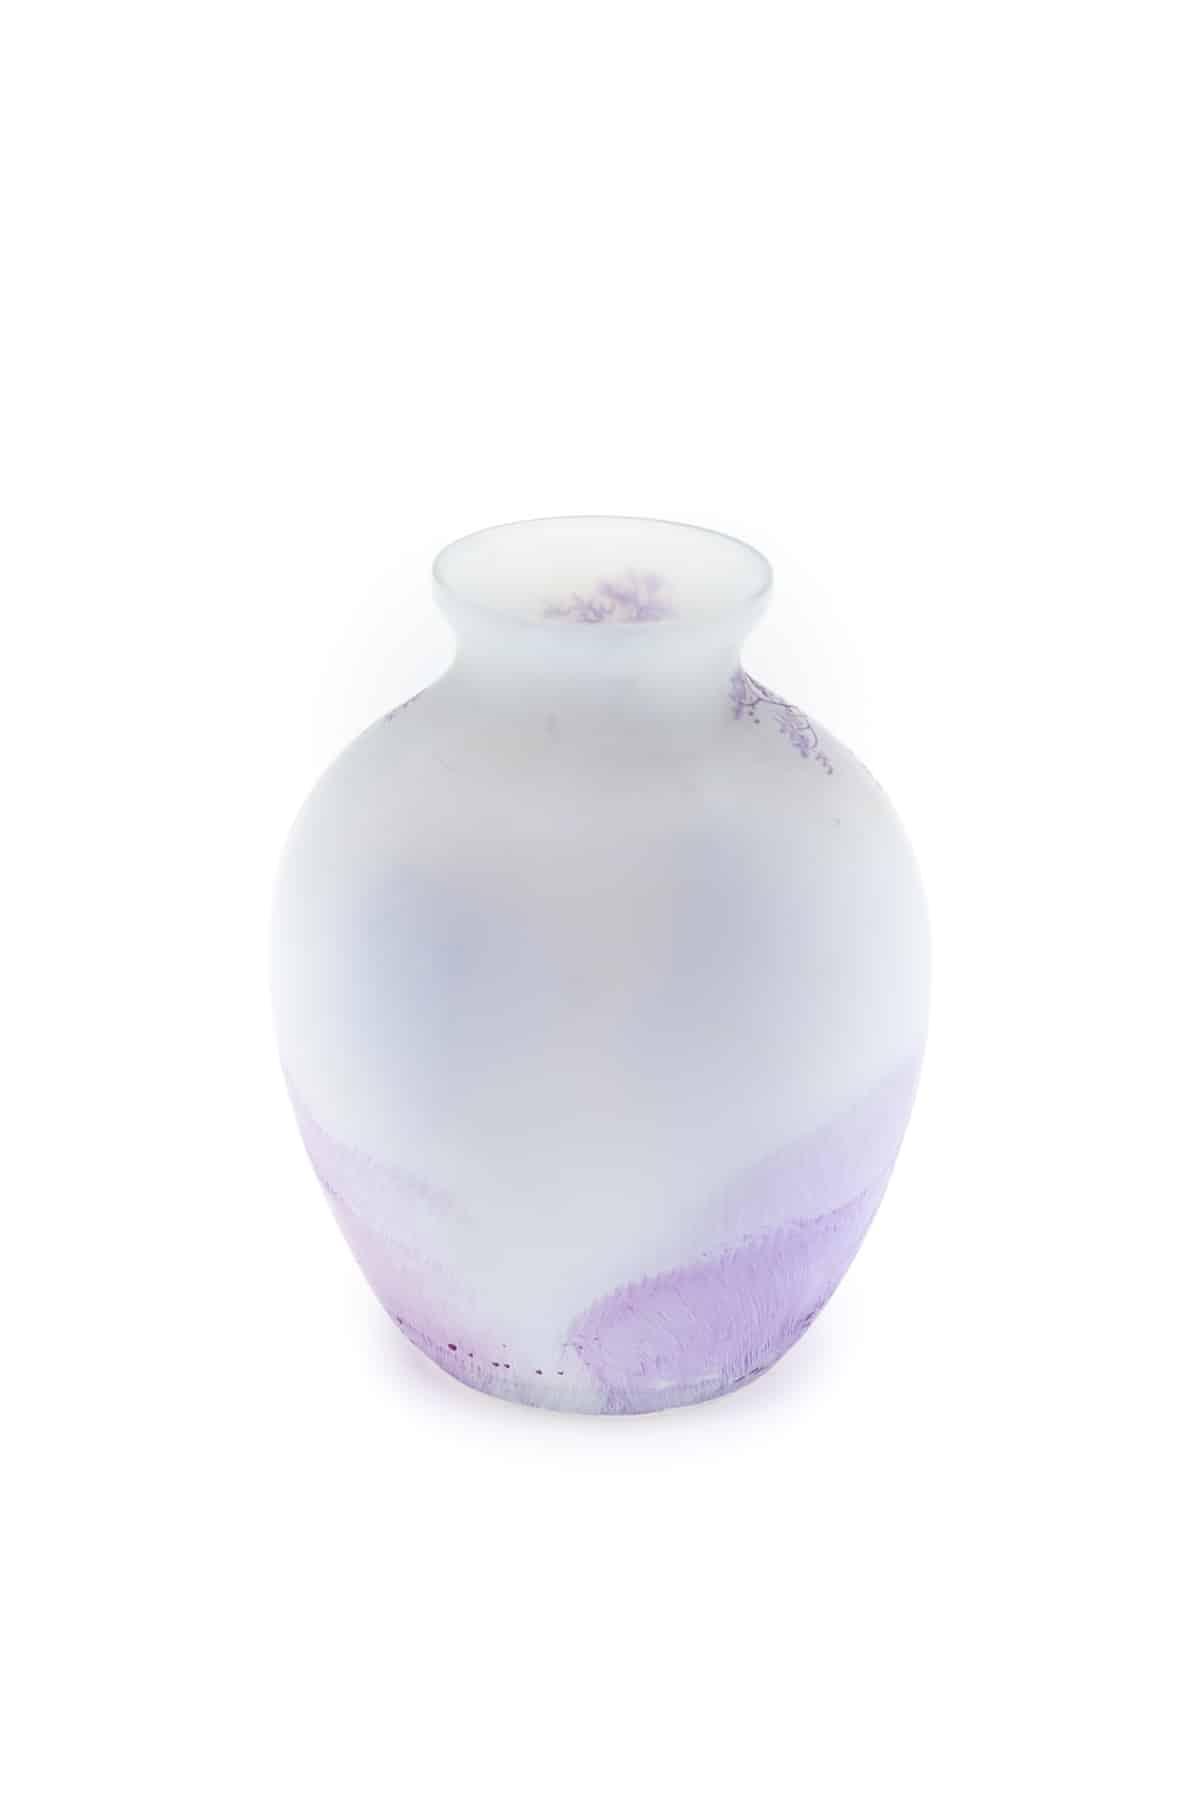 vasa art nouveau Legras